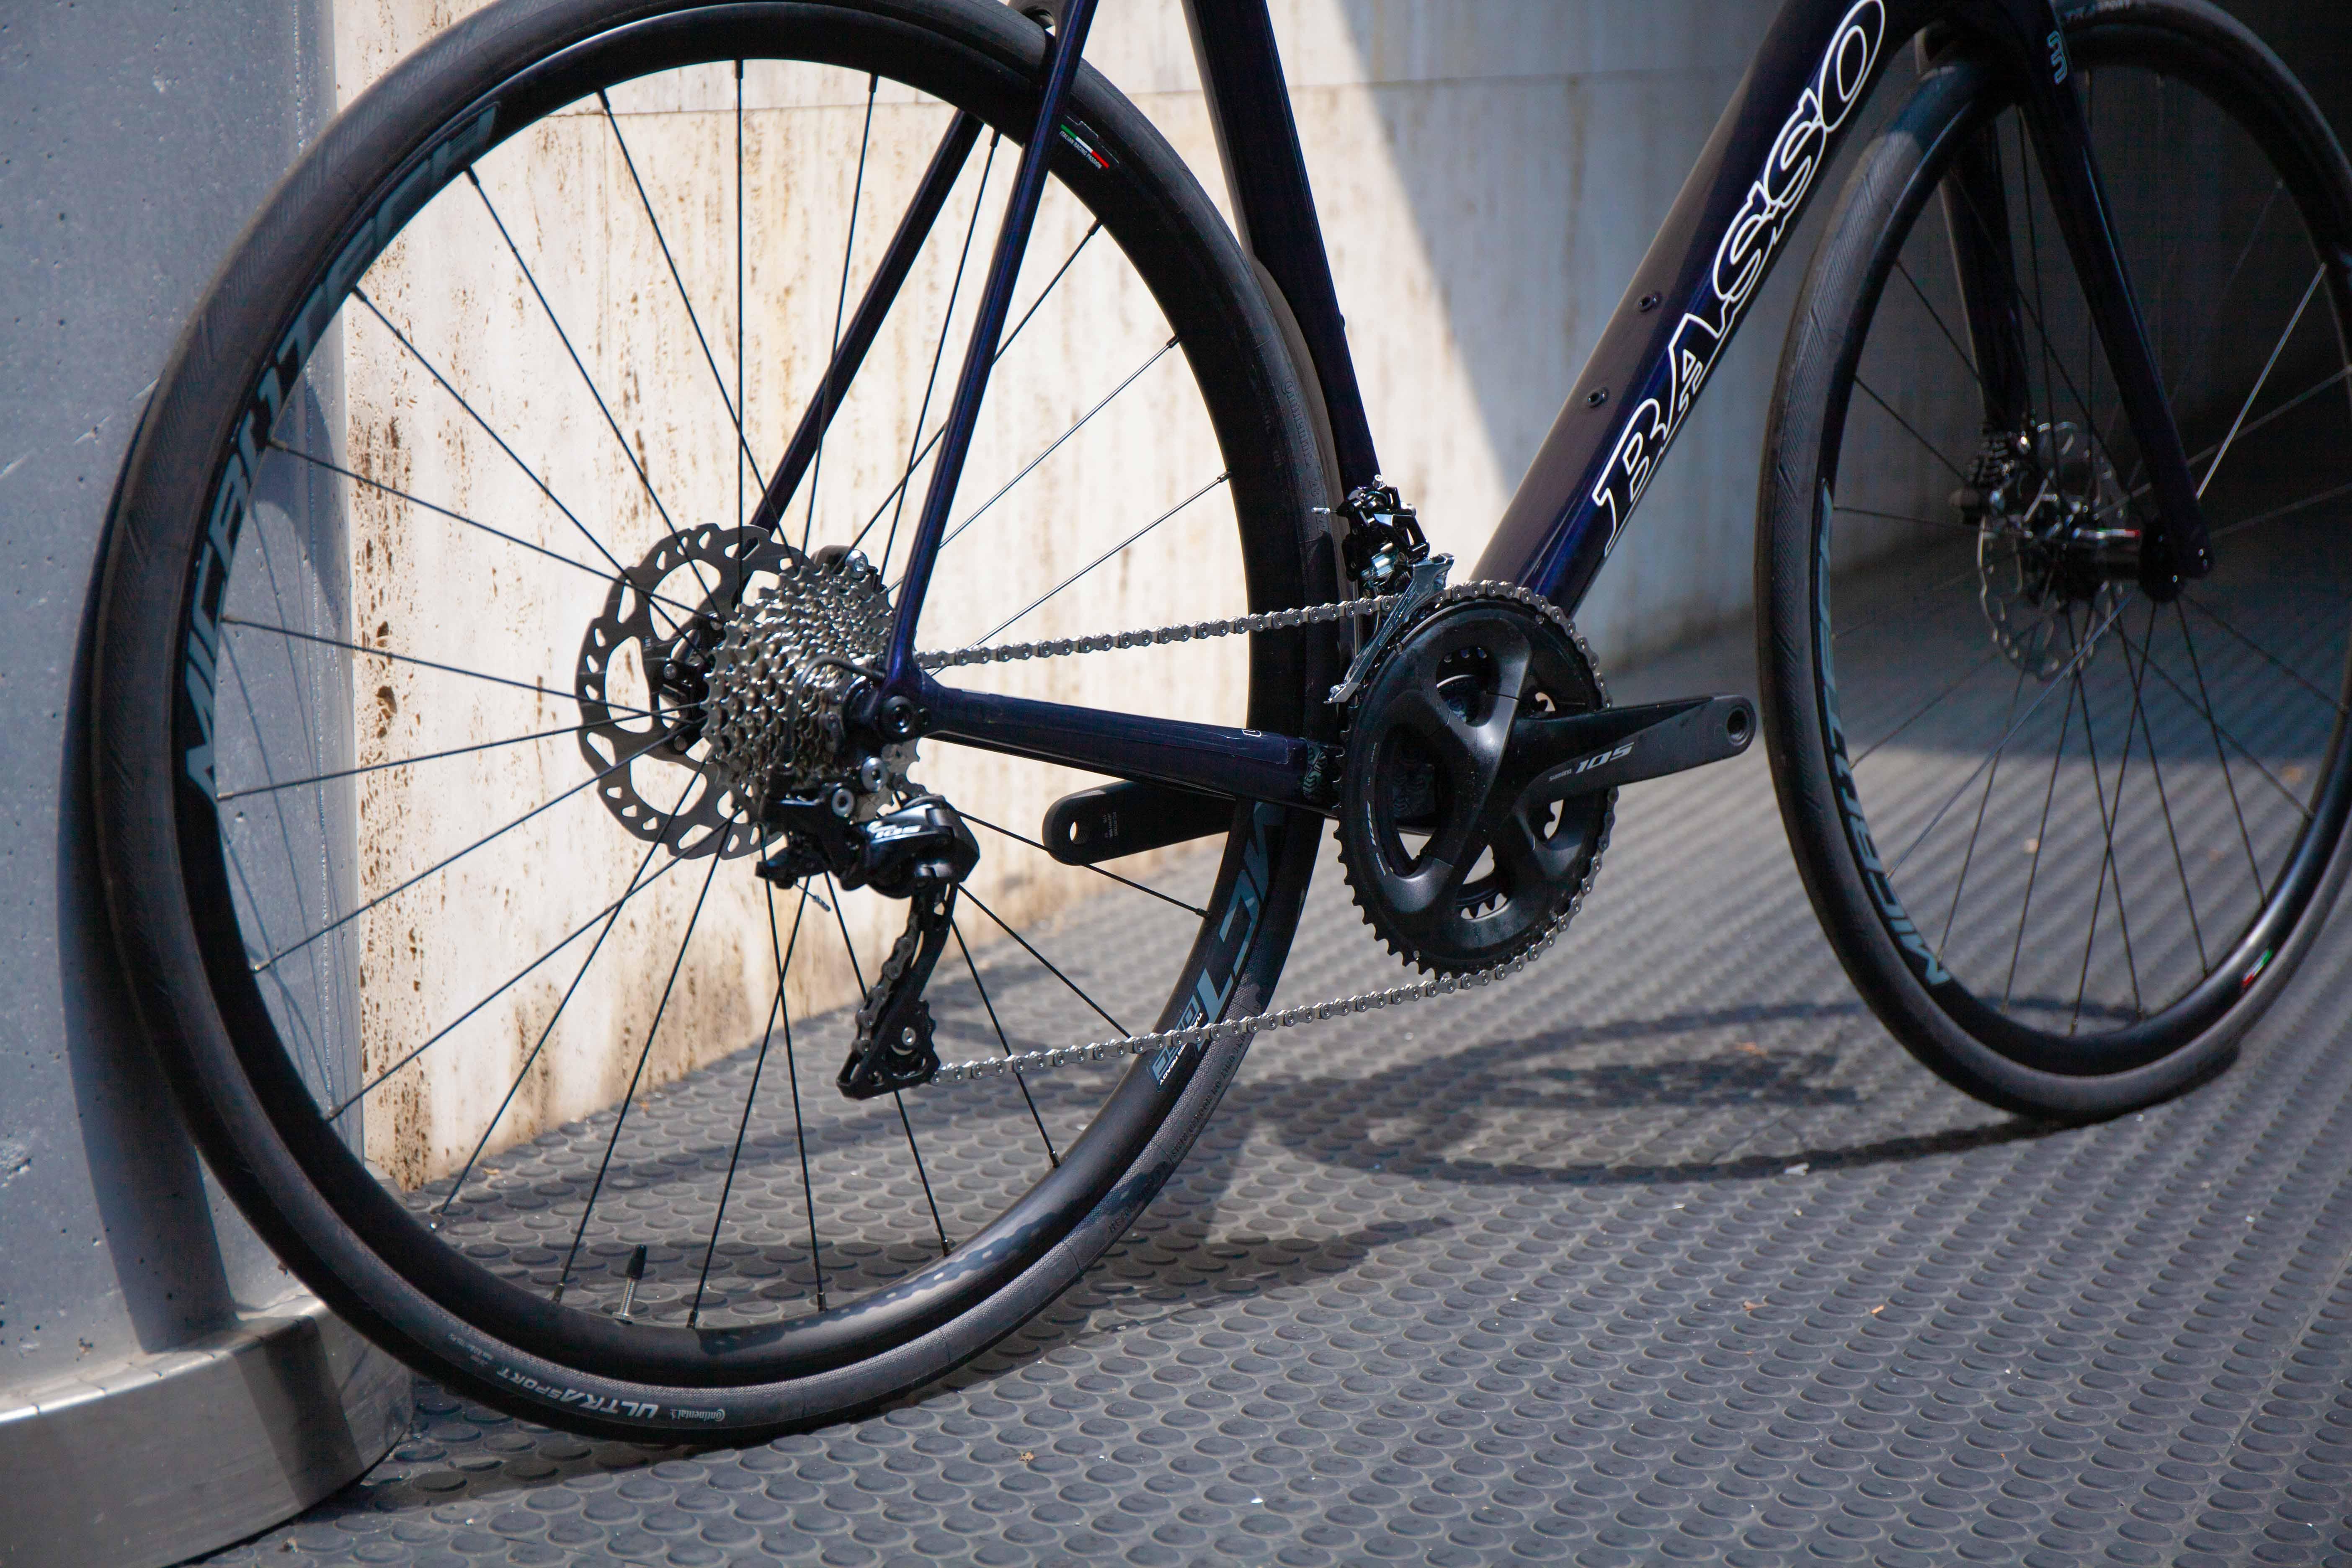 Cicli Corsa Basso Venta Disc 61 purple-8